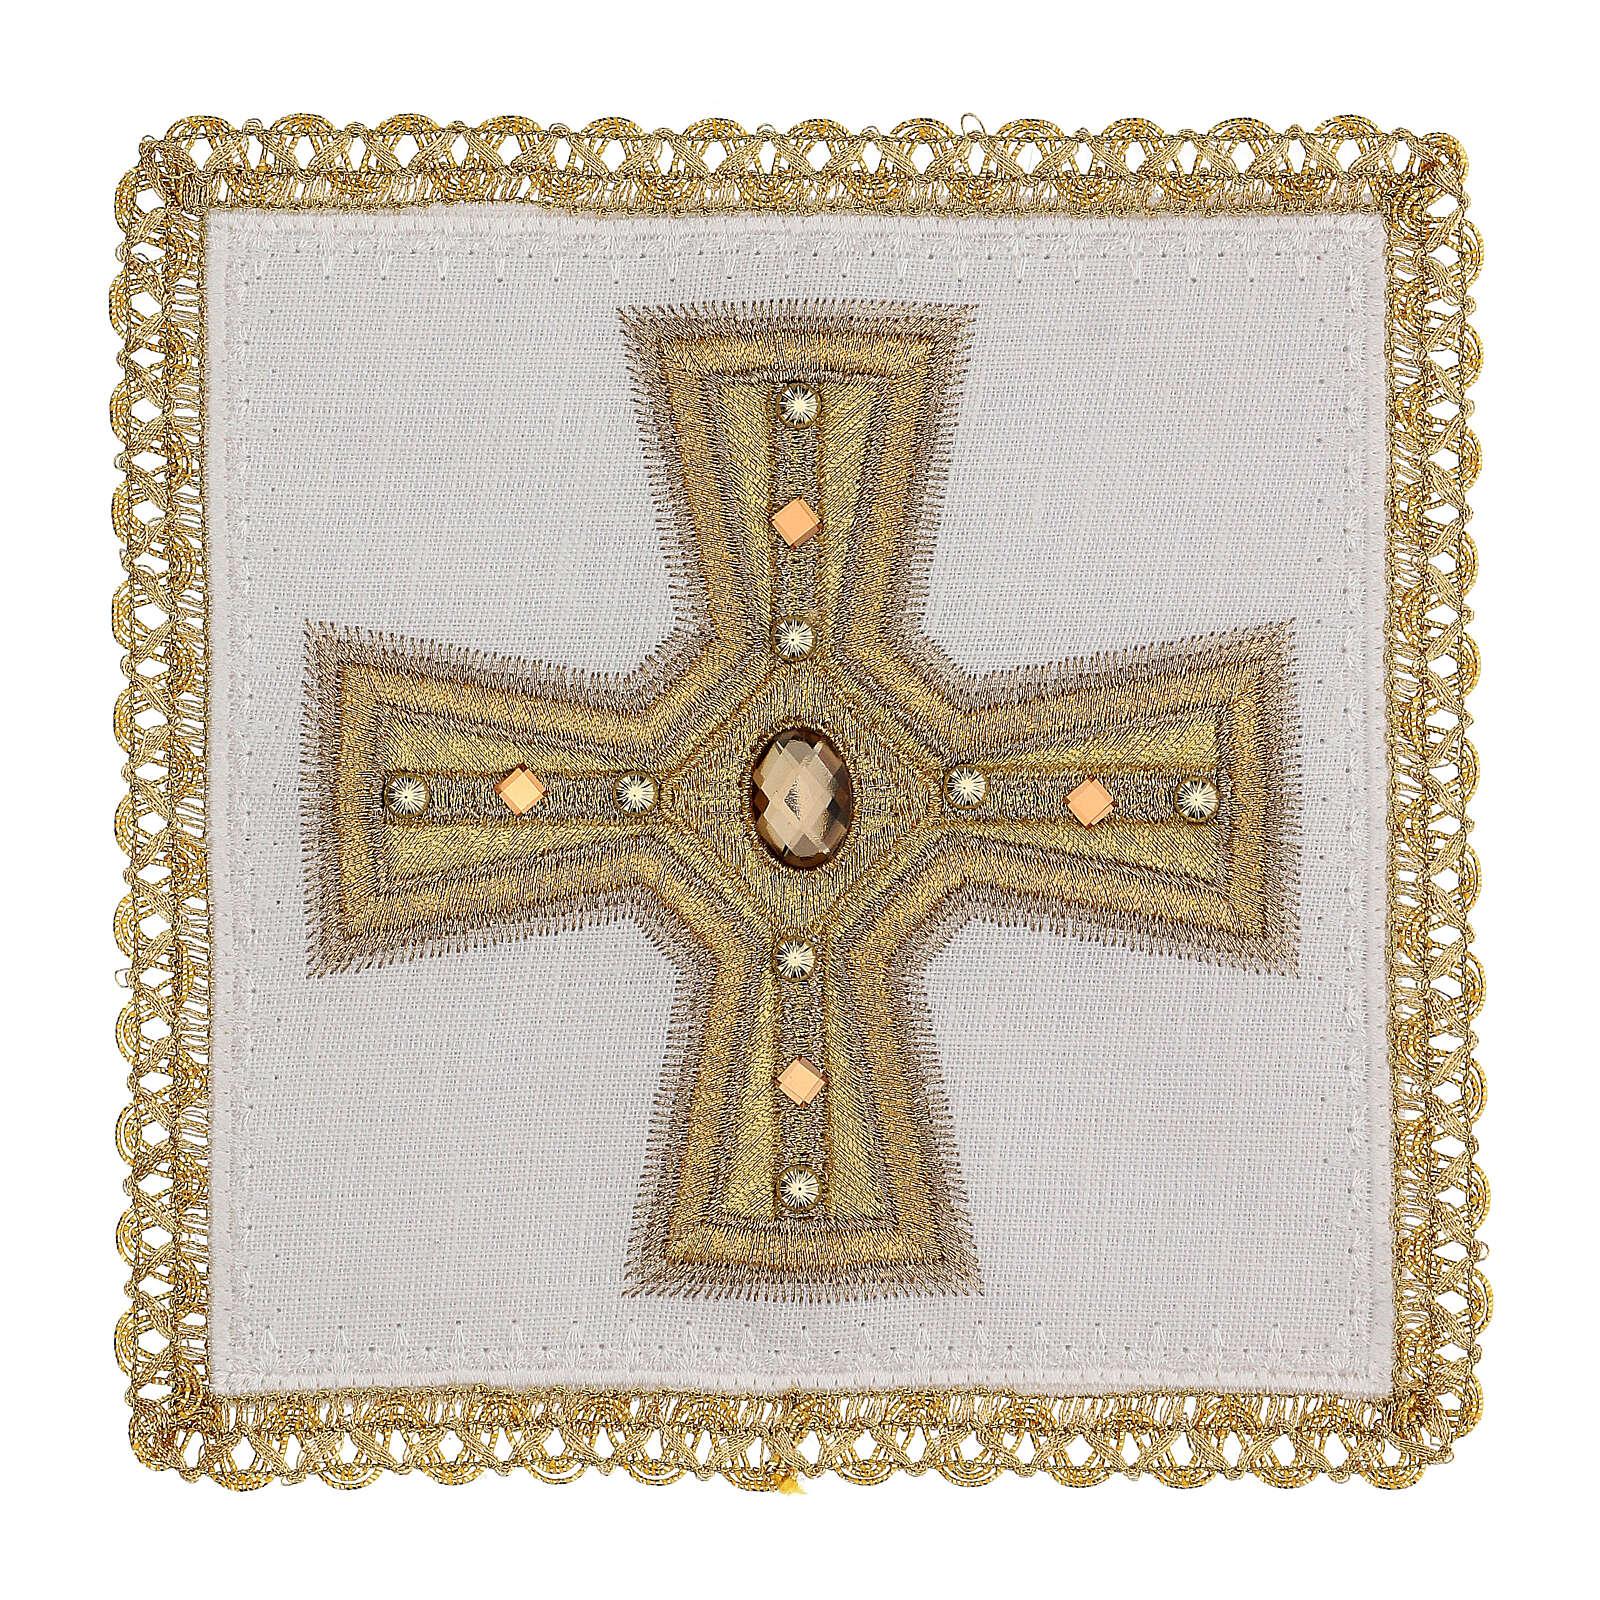 Linge d'autel 4 pcs 100% LIN broderies décorations or applications Édition Limitée 4